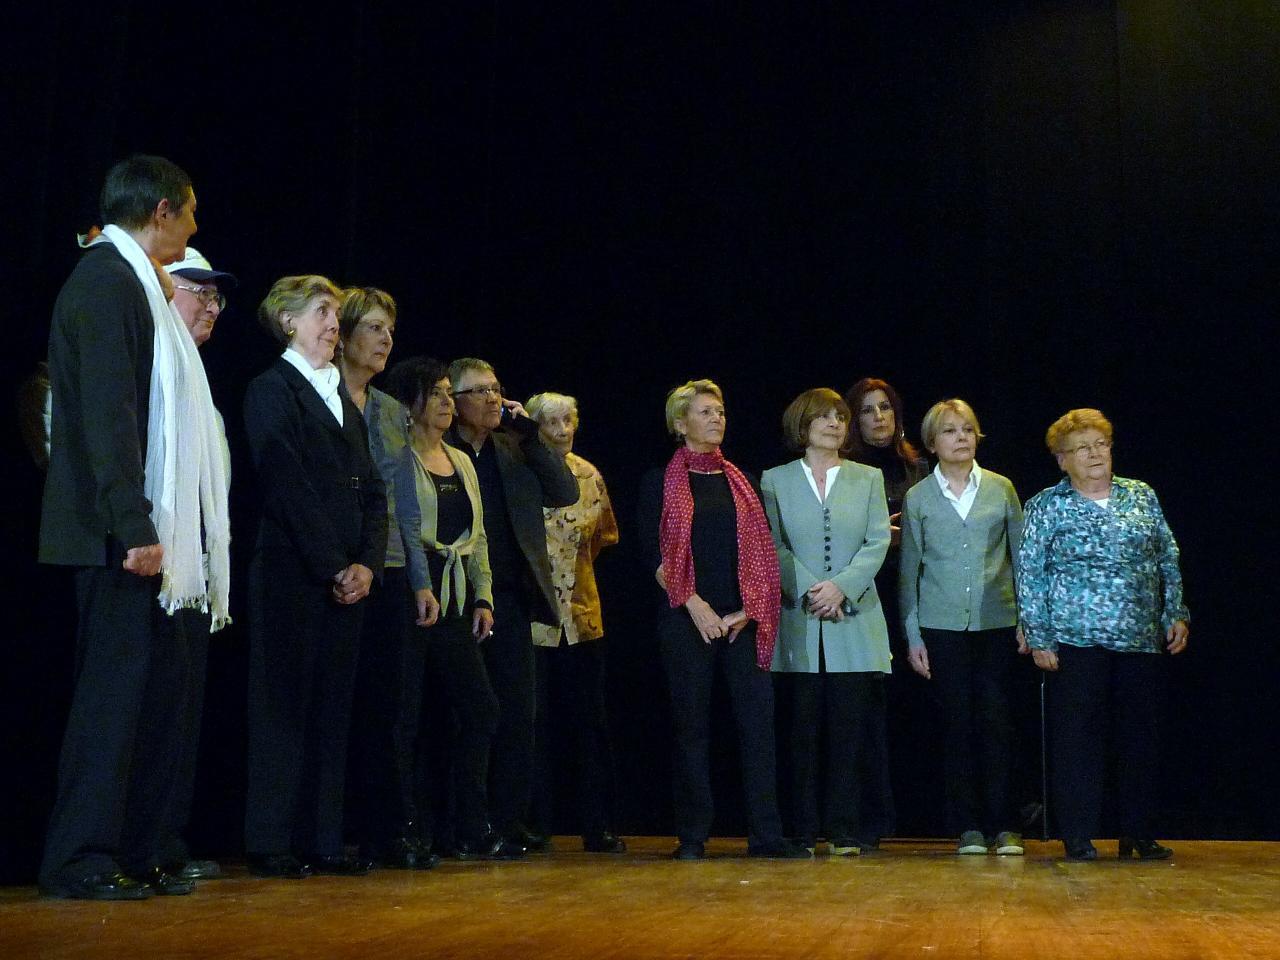 Le pt Théâtre fait son casting: Tout va très bien Mme la Marquise